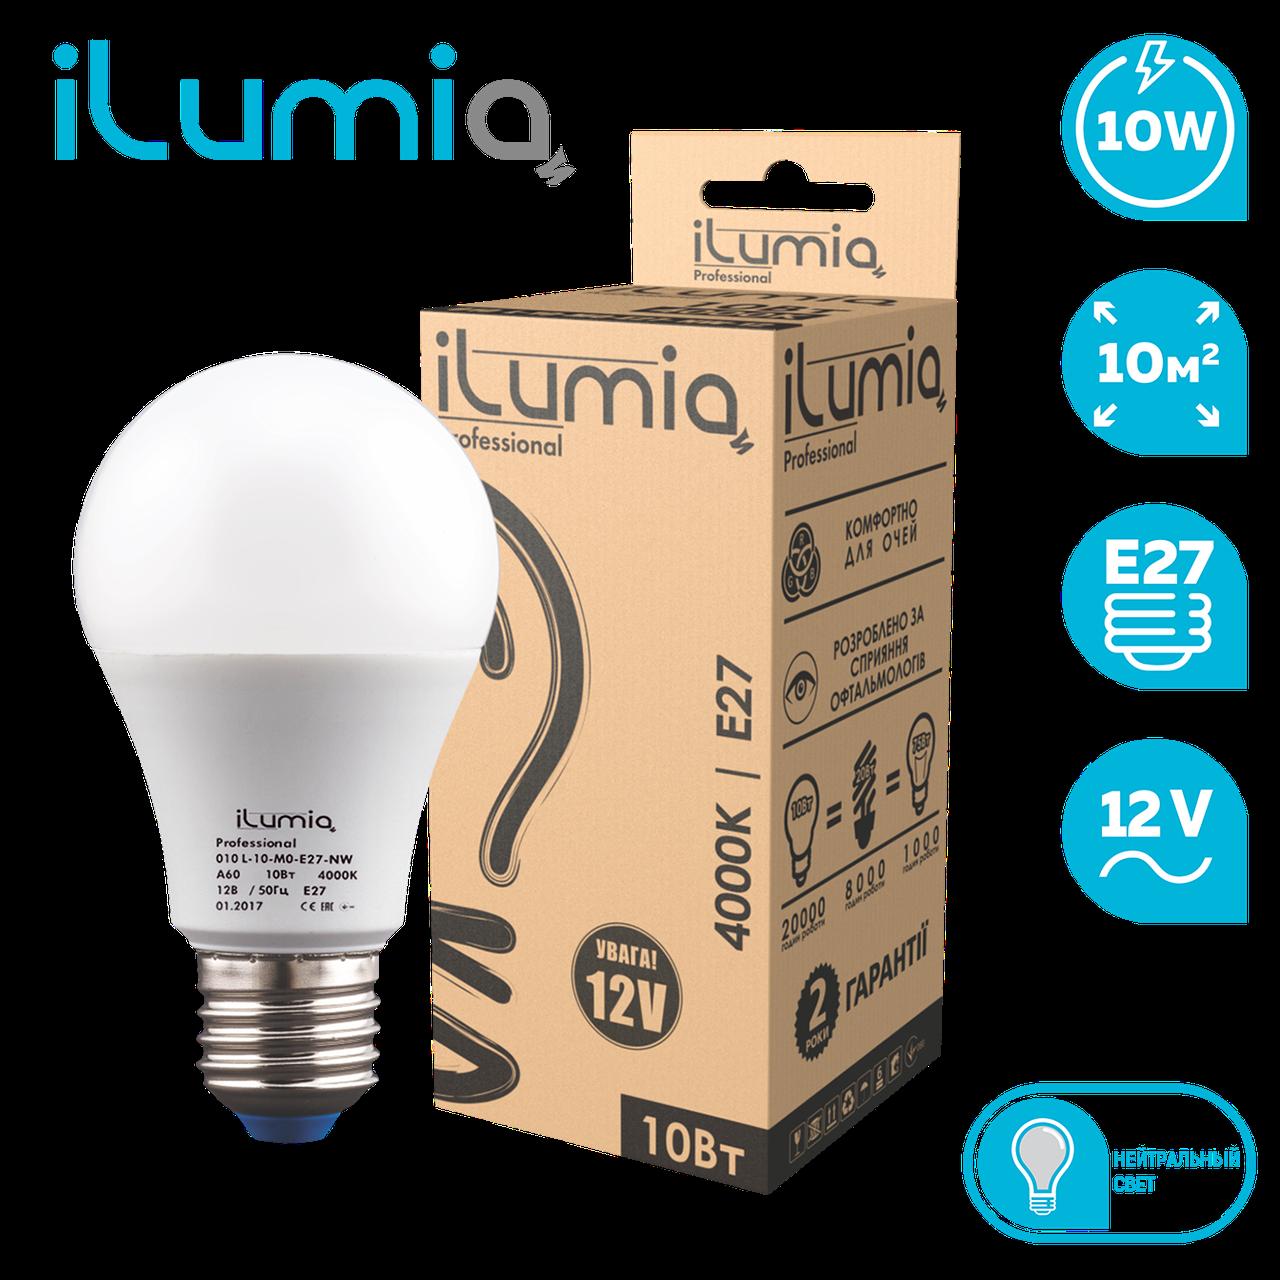 Светодиодная лампа Ilumia низковольтная 10Вт, 12В Цоколь Е27, 4000К (нейтральный белый), 1000Лм (010)